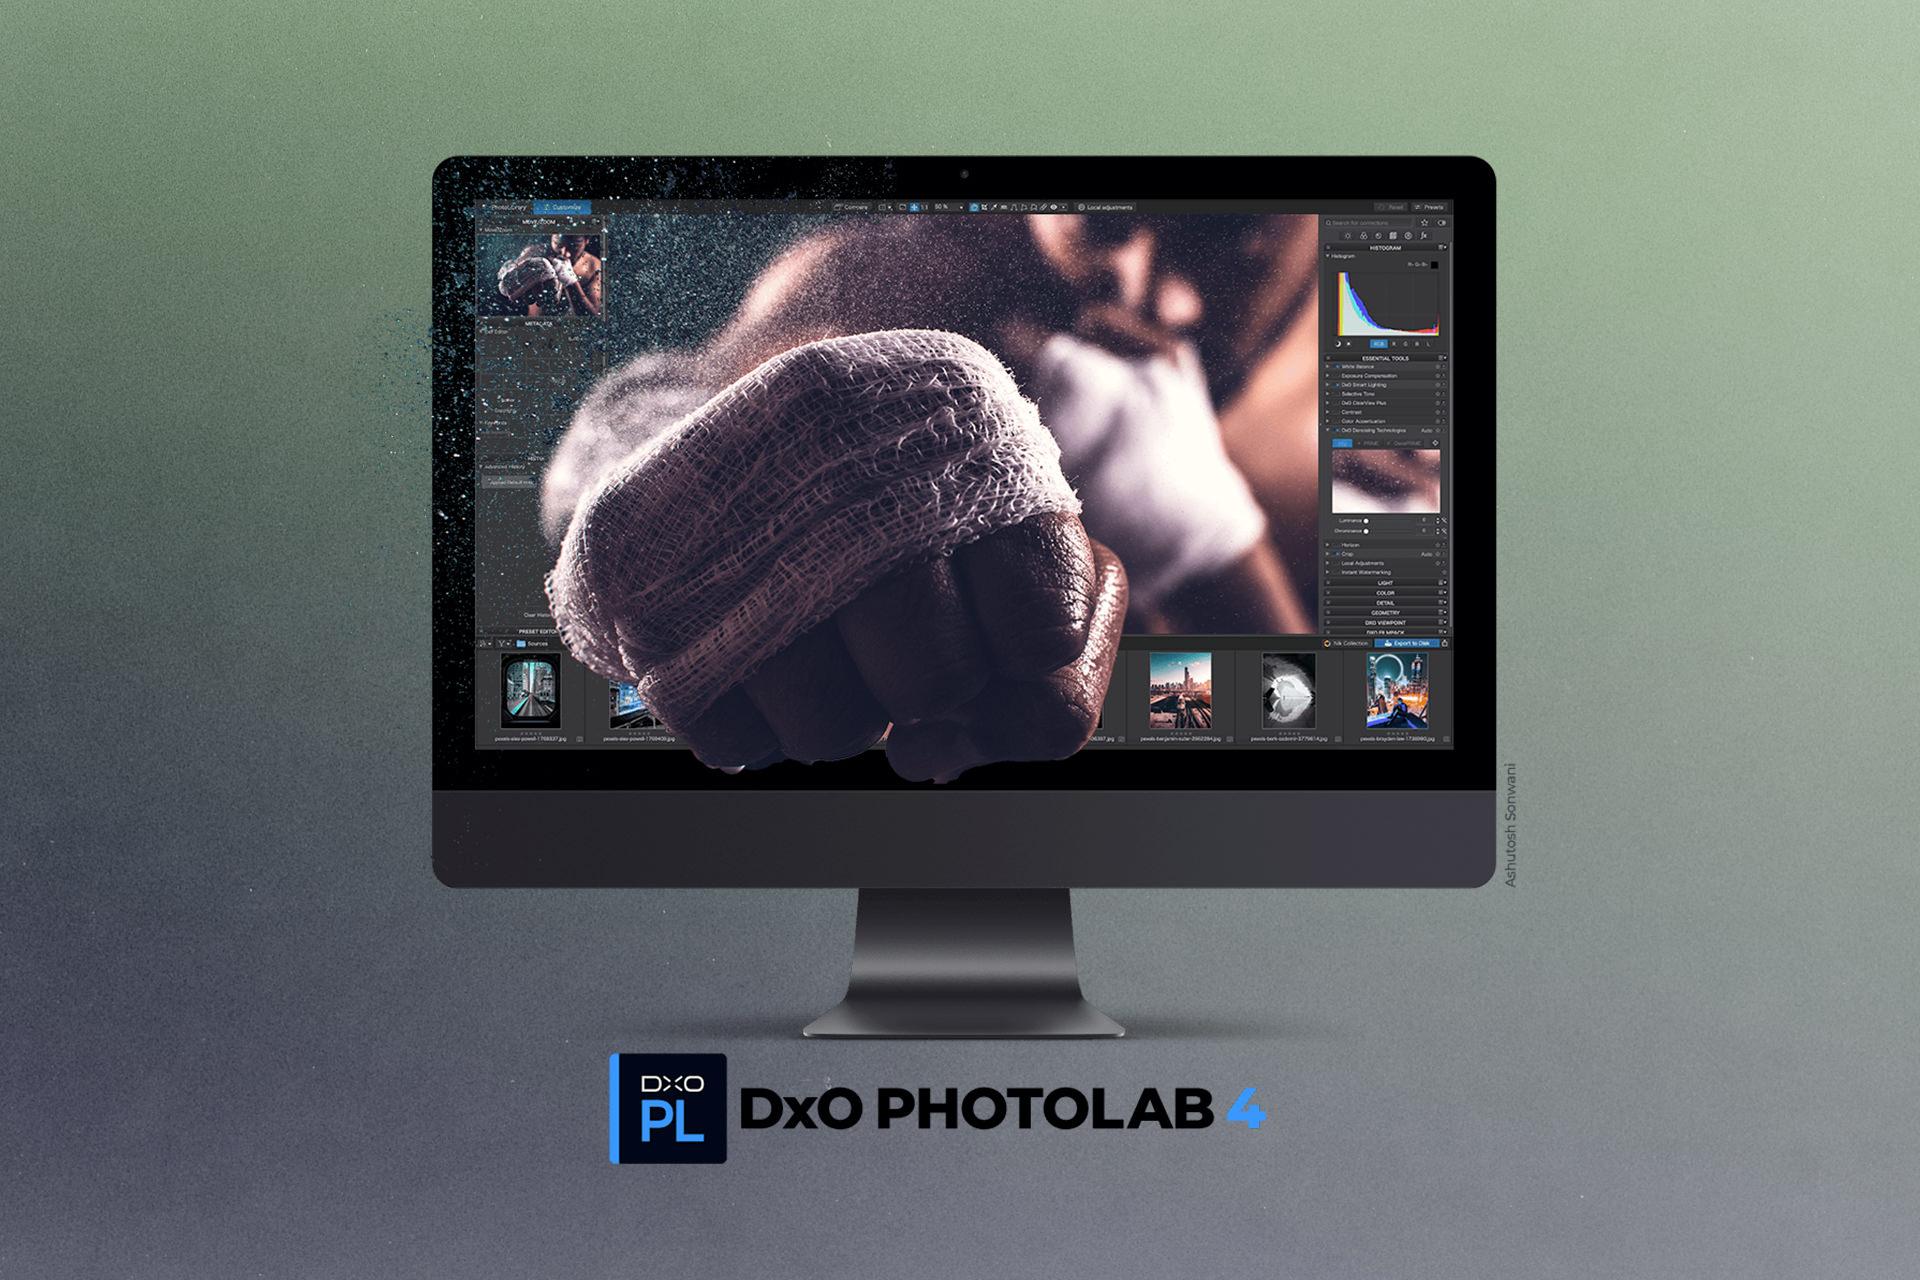 DXO Photolab 4